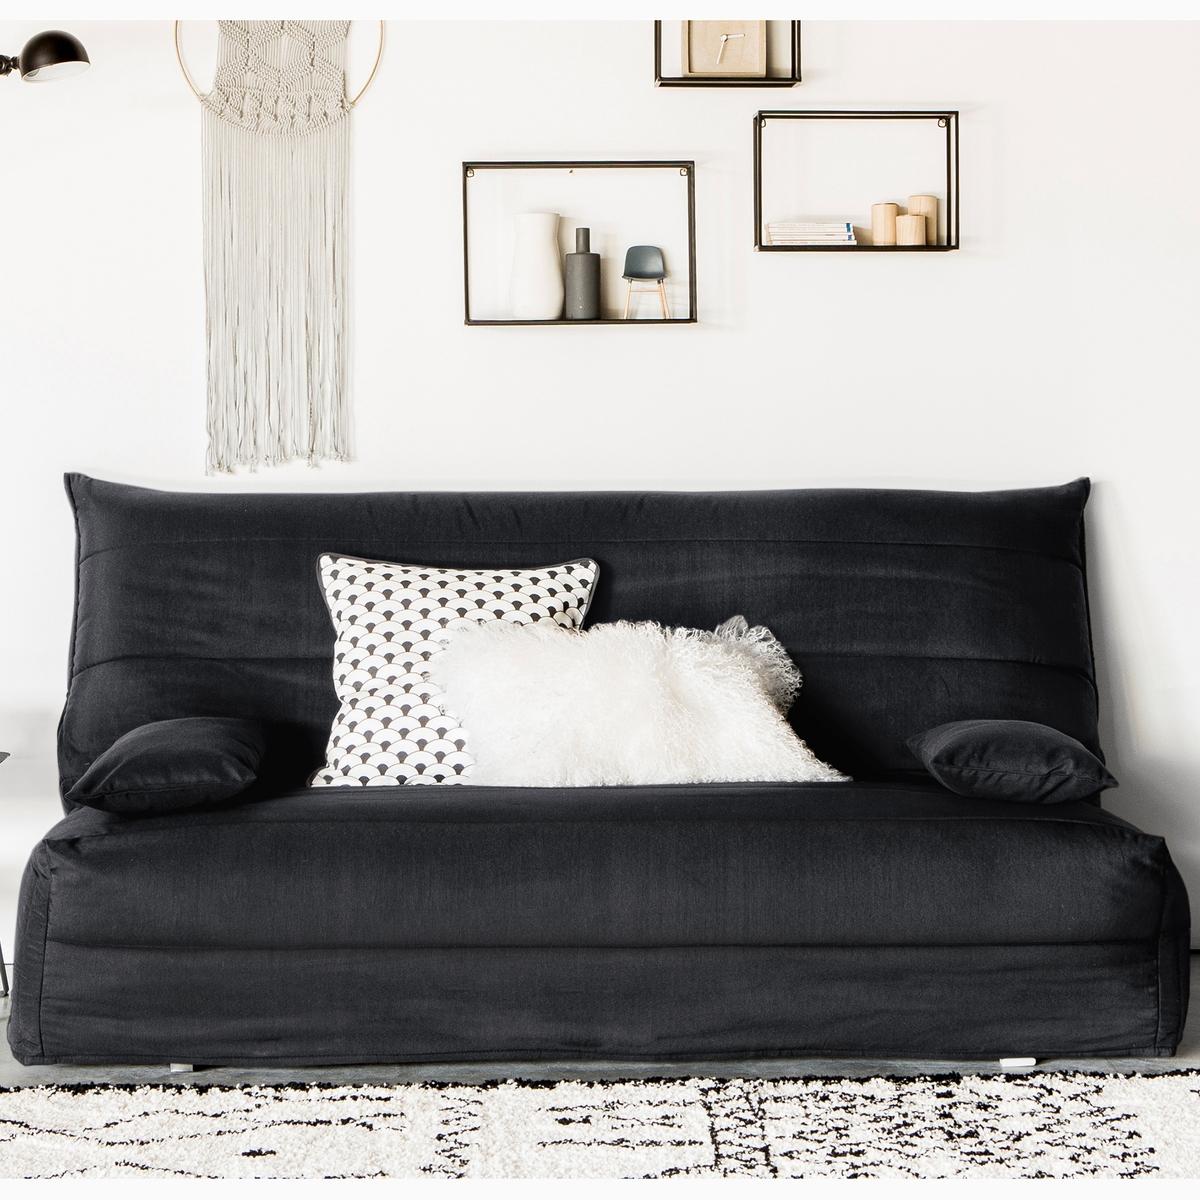 Чехол из полихлопка для диванаЧехол из полихлопка для дивана   . Чехол качества VALEUR SURE из ткани 70% хлопка, 30% полиэстера  . Наполнитель 100% полиэстера, 150 г/м? .Характеристики чехла для дивана  :- Хорошо облегает, покрывает целиком диван (частично спинку дивана)   Эластичные края. - Прострочка в виде линии  .- Стирка при 40°С.Размеры чехла для дивана  :- ширина 140 см, или 160 см  .<br><br>Цвет: серый жемчужный,черный